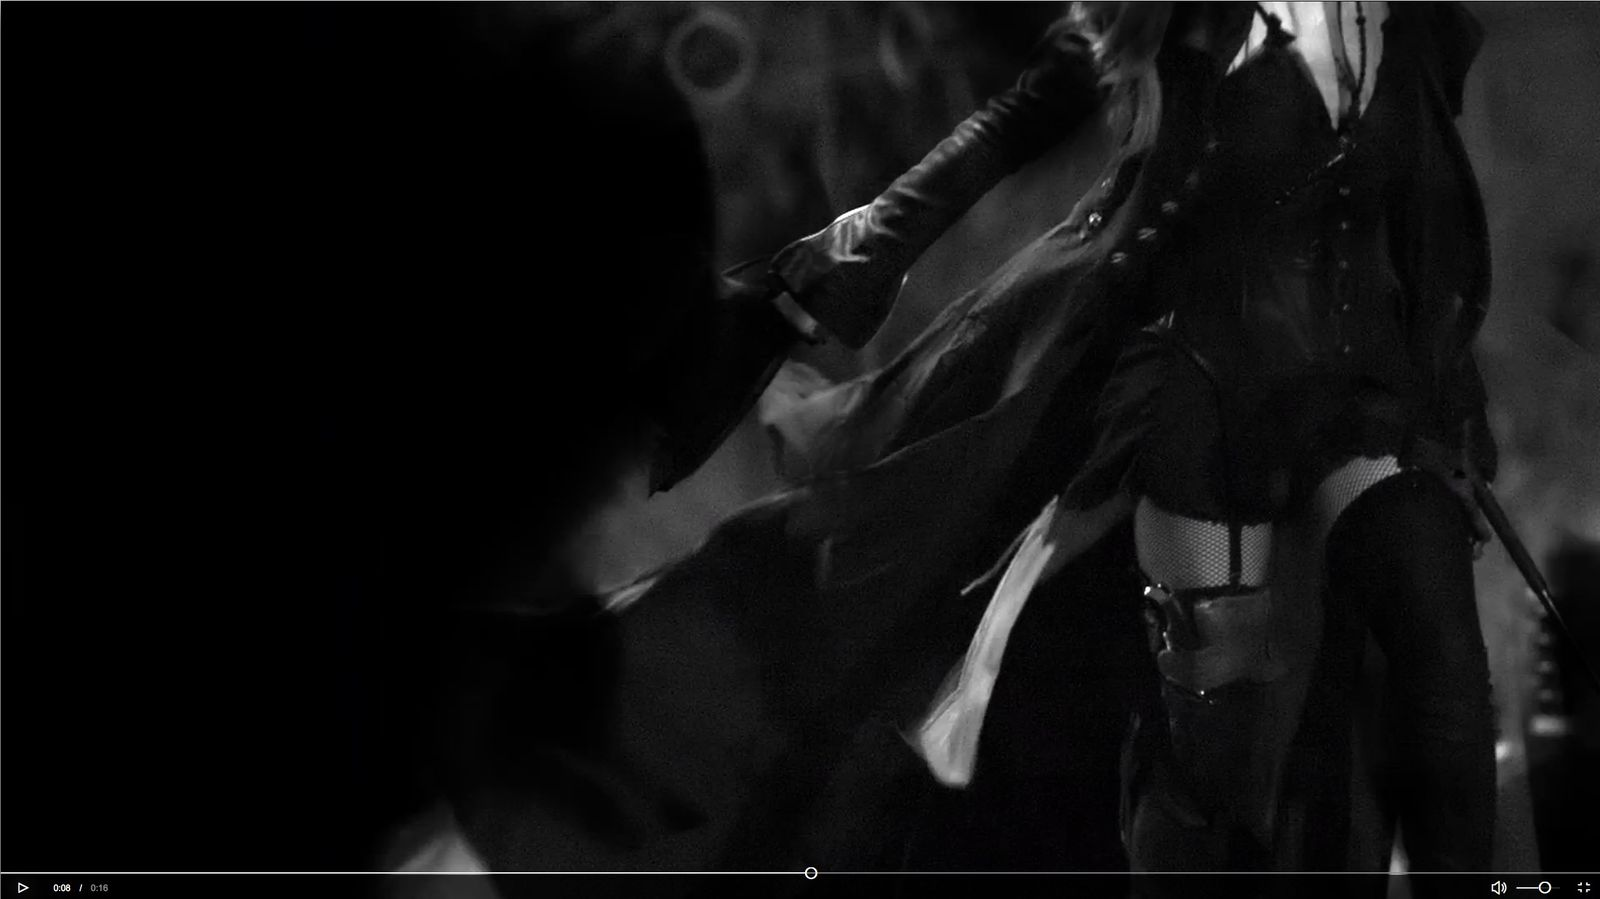 EINMALIGE VERWENDUNG SCREENSHOT Nur als Zitat/ Tidal/ Madonna/ Ghosttown